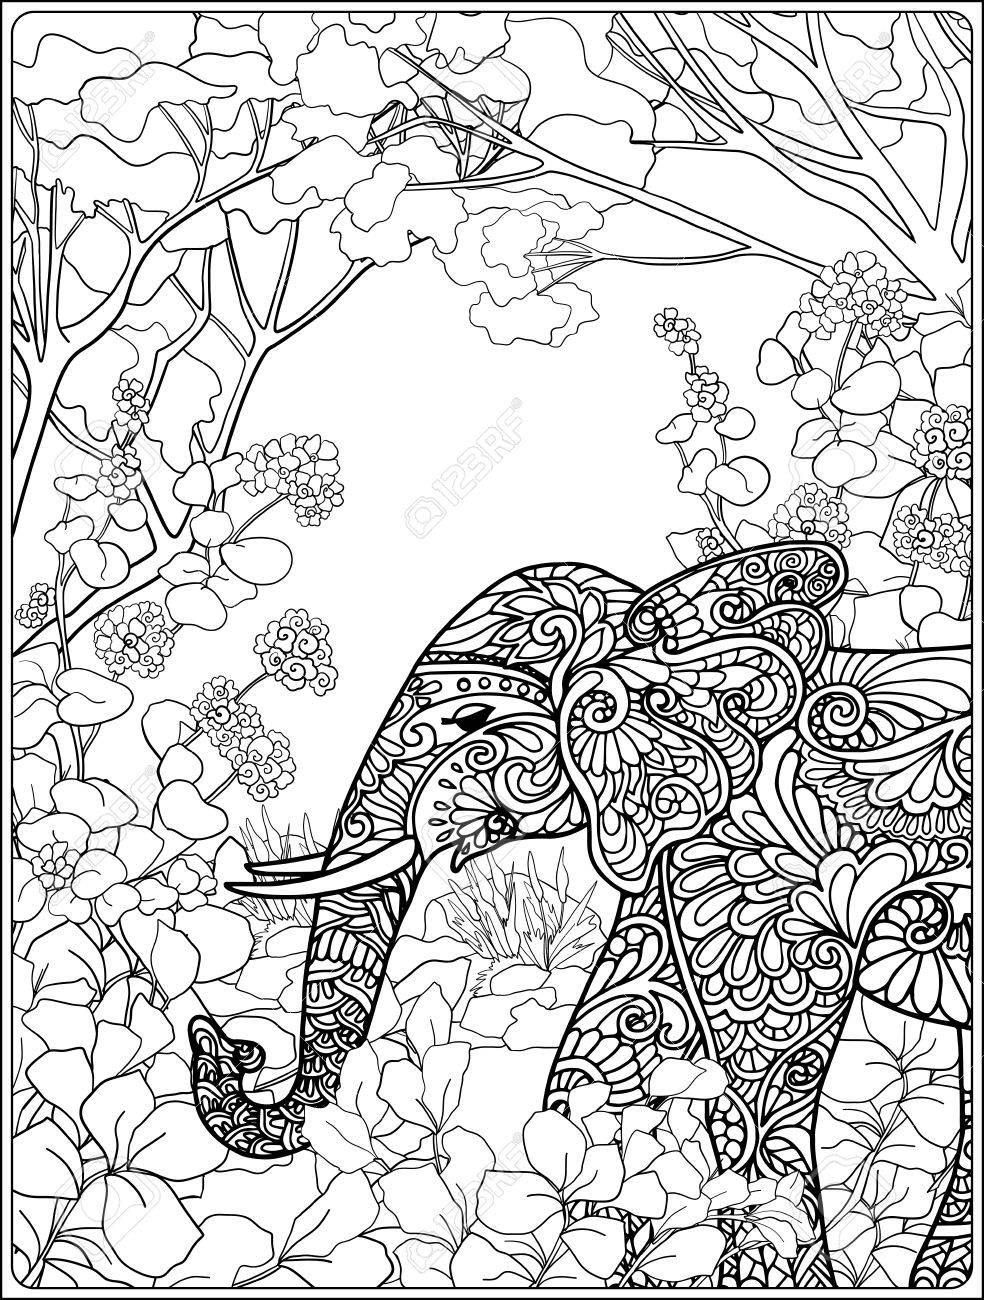 Dibujo Para Colorear Con El Elefante En El Bosque Libro De Colorante Para Los Adultos Y Niños Mayores